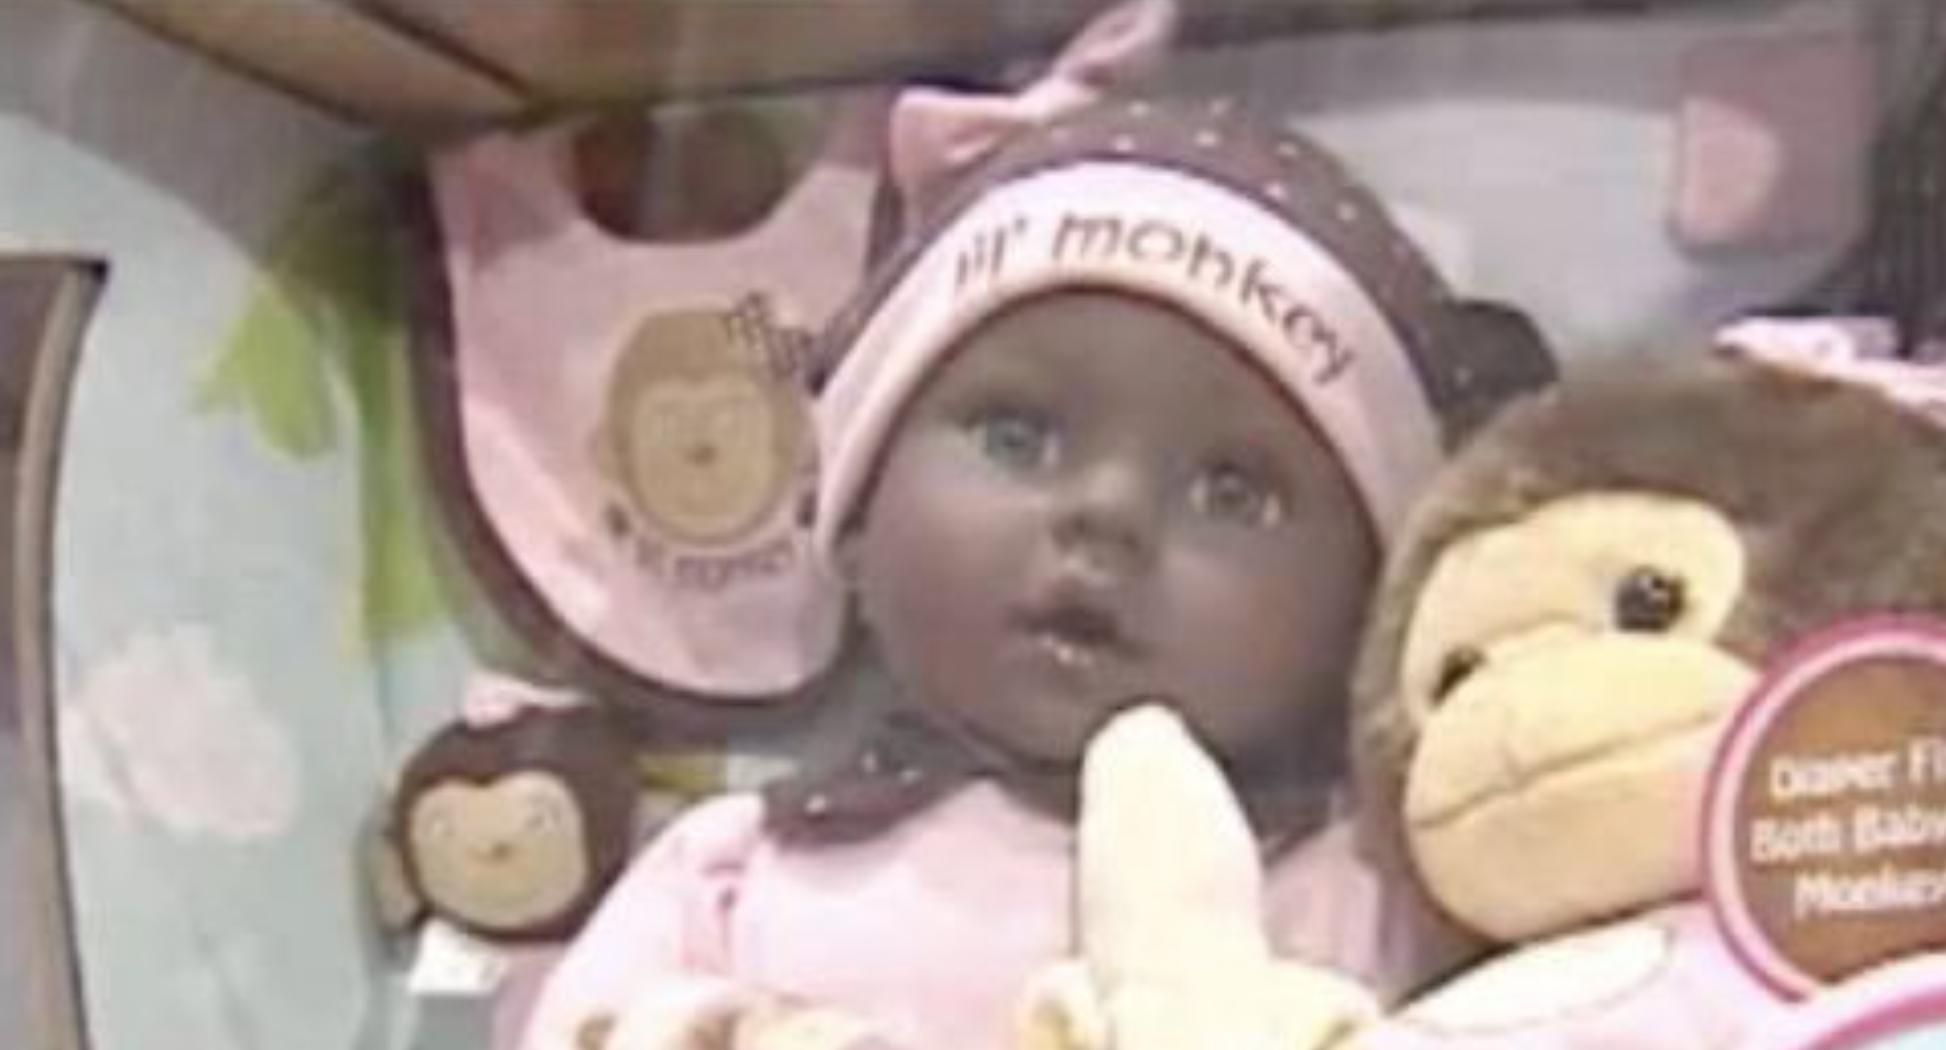 Cuddle Me Doll, Costco